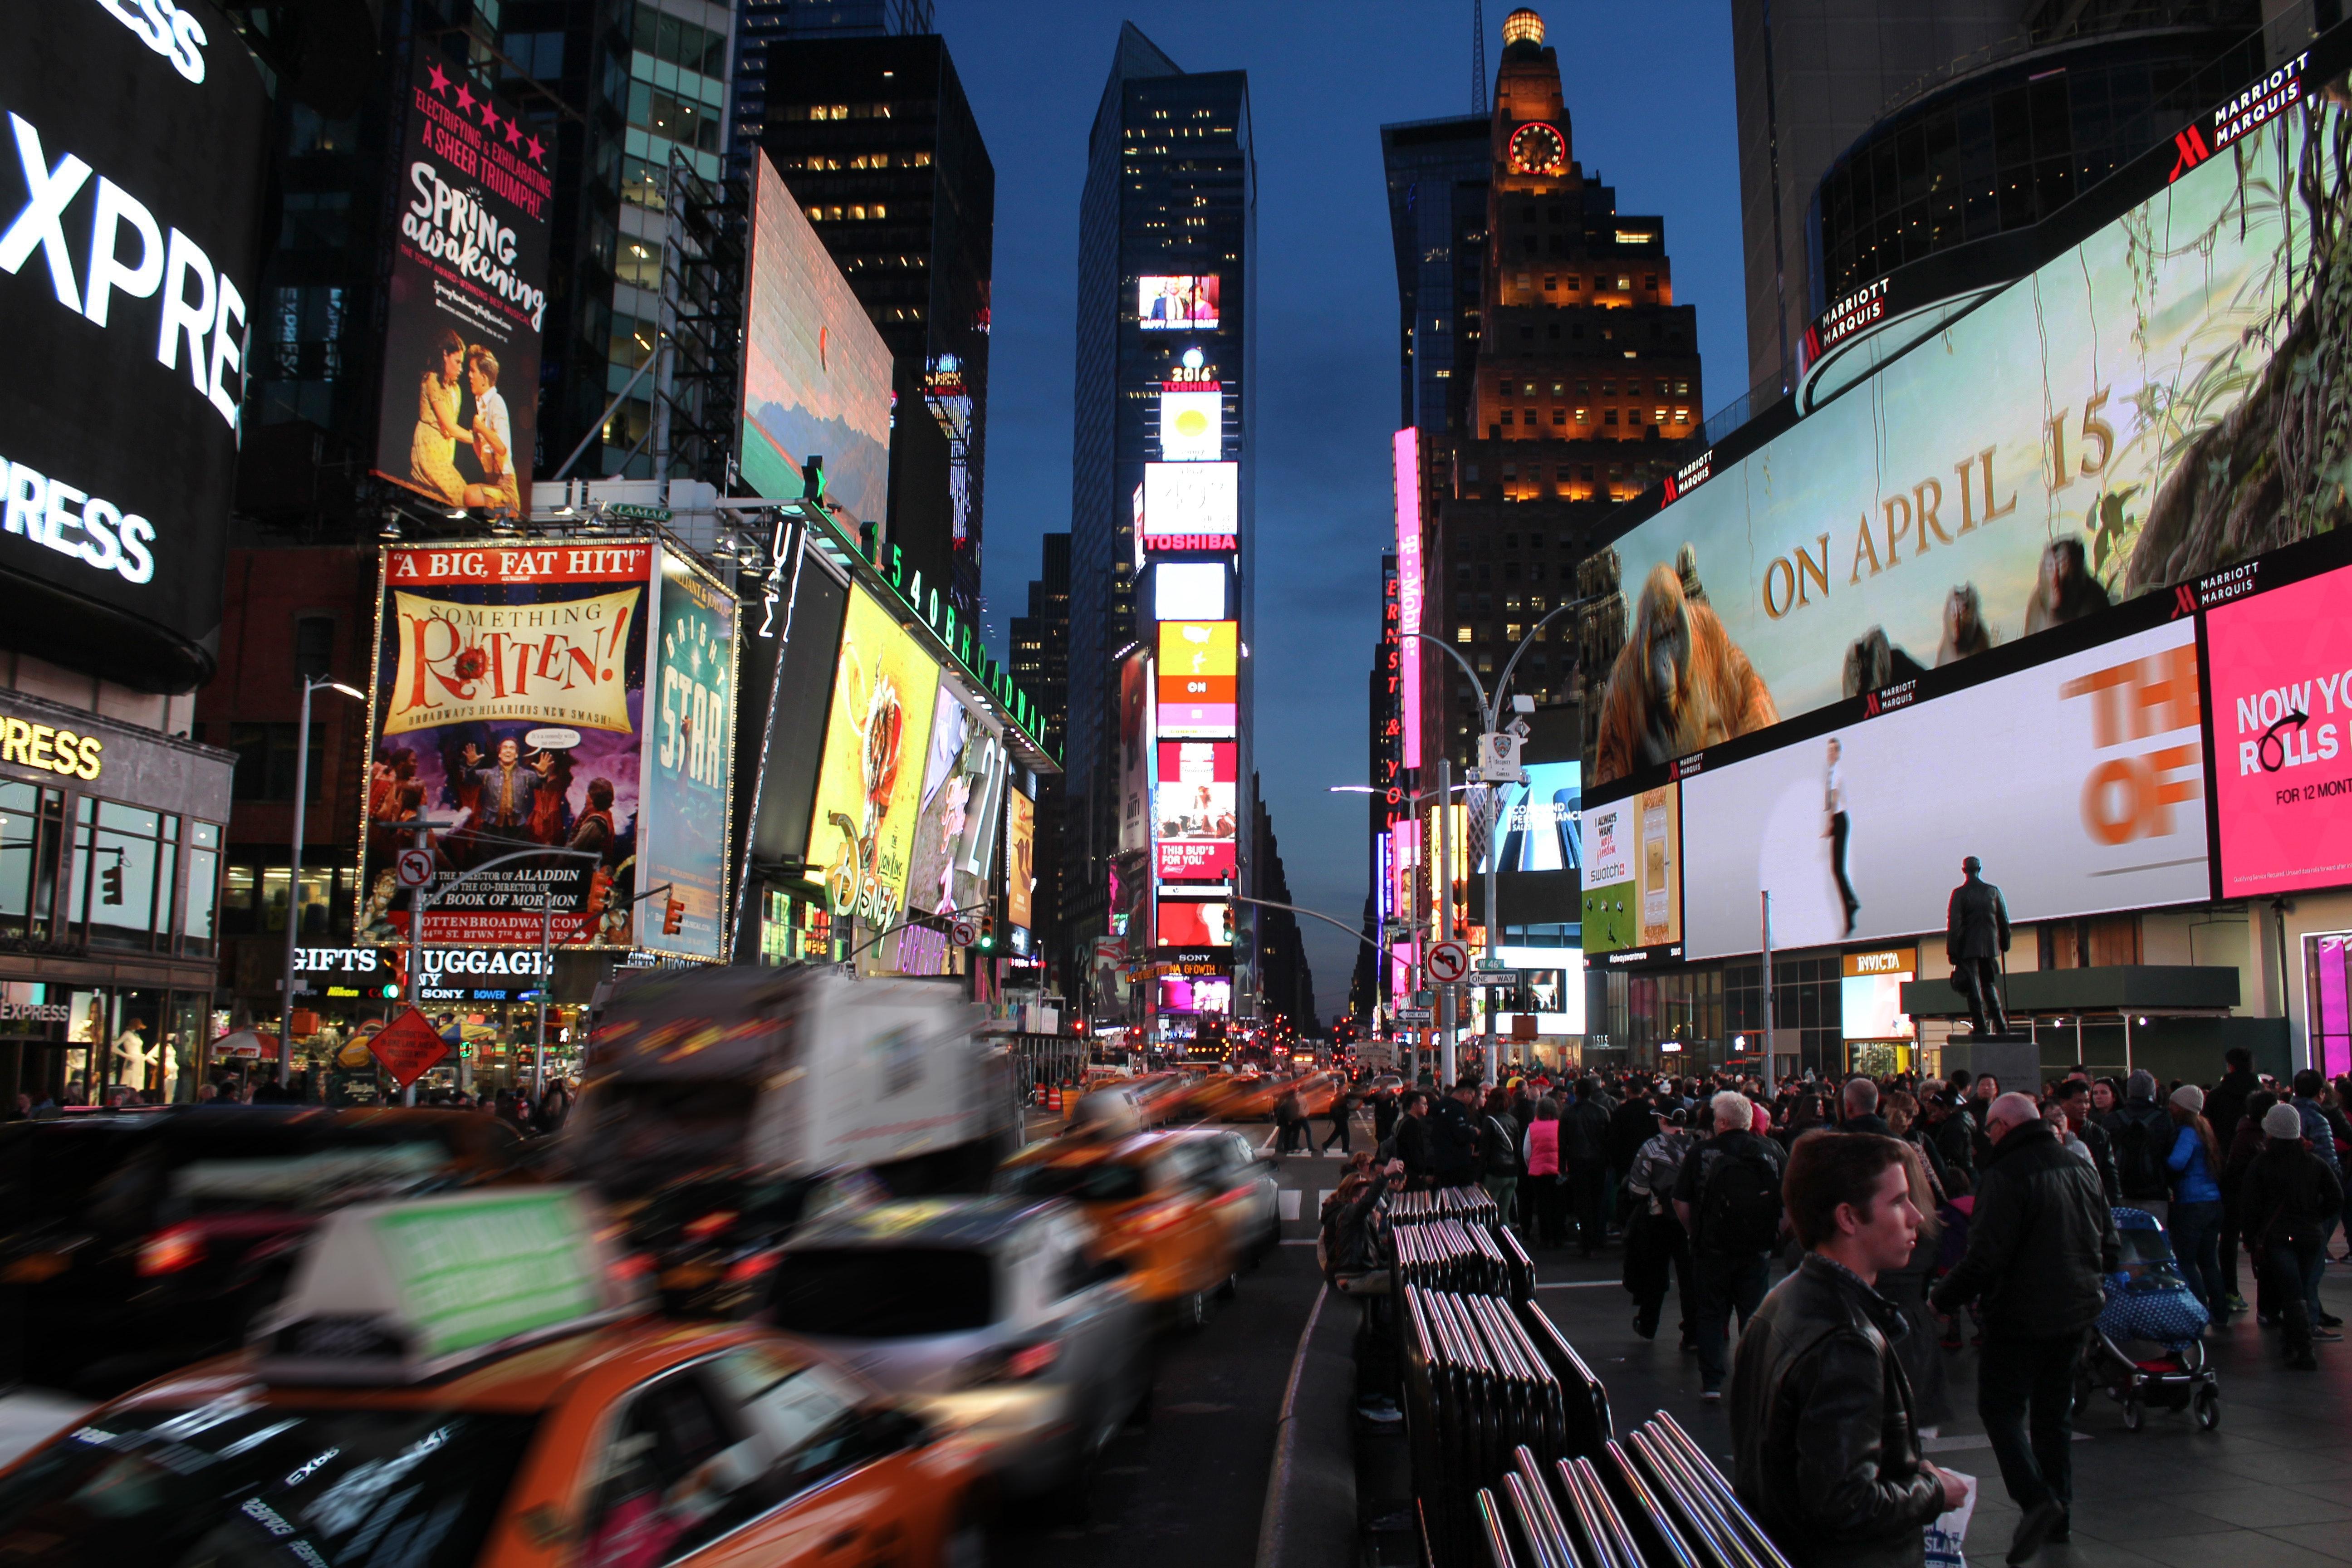 billboard-broadway-busy-1118341.jpg